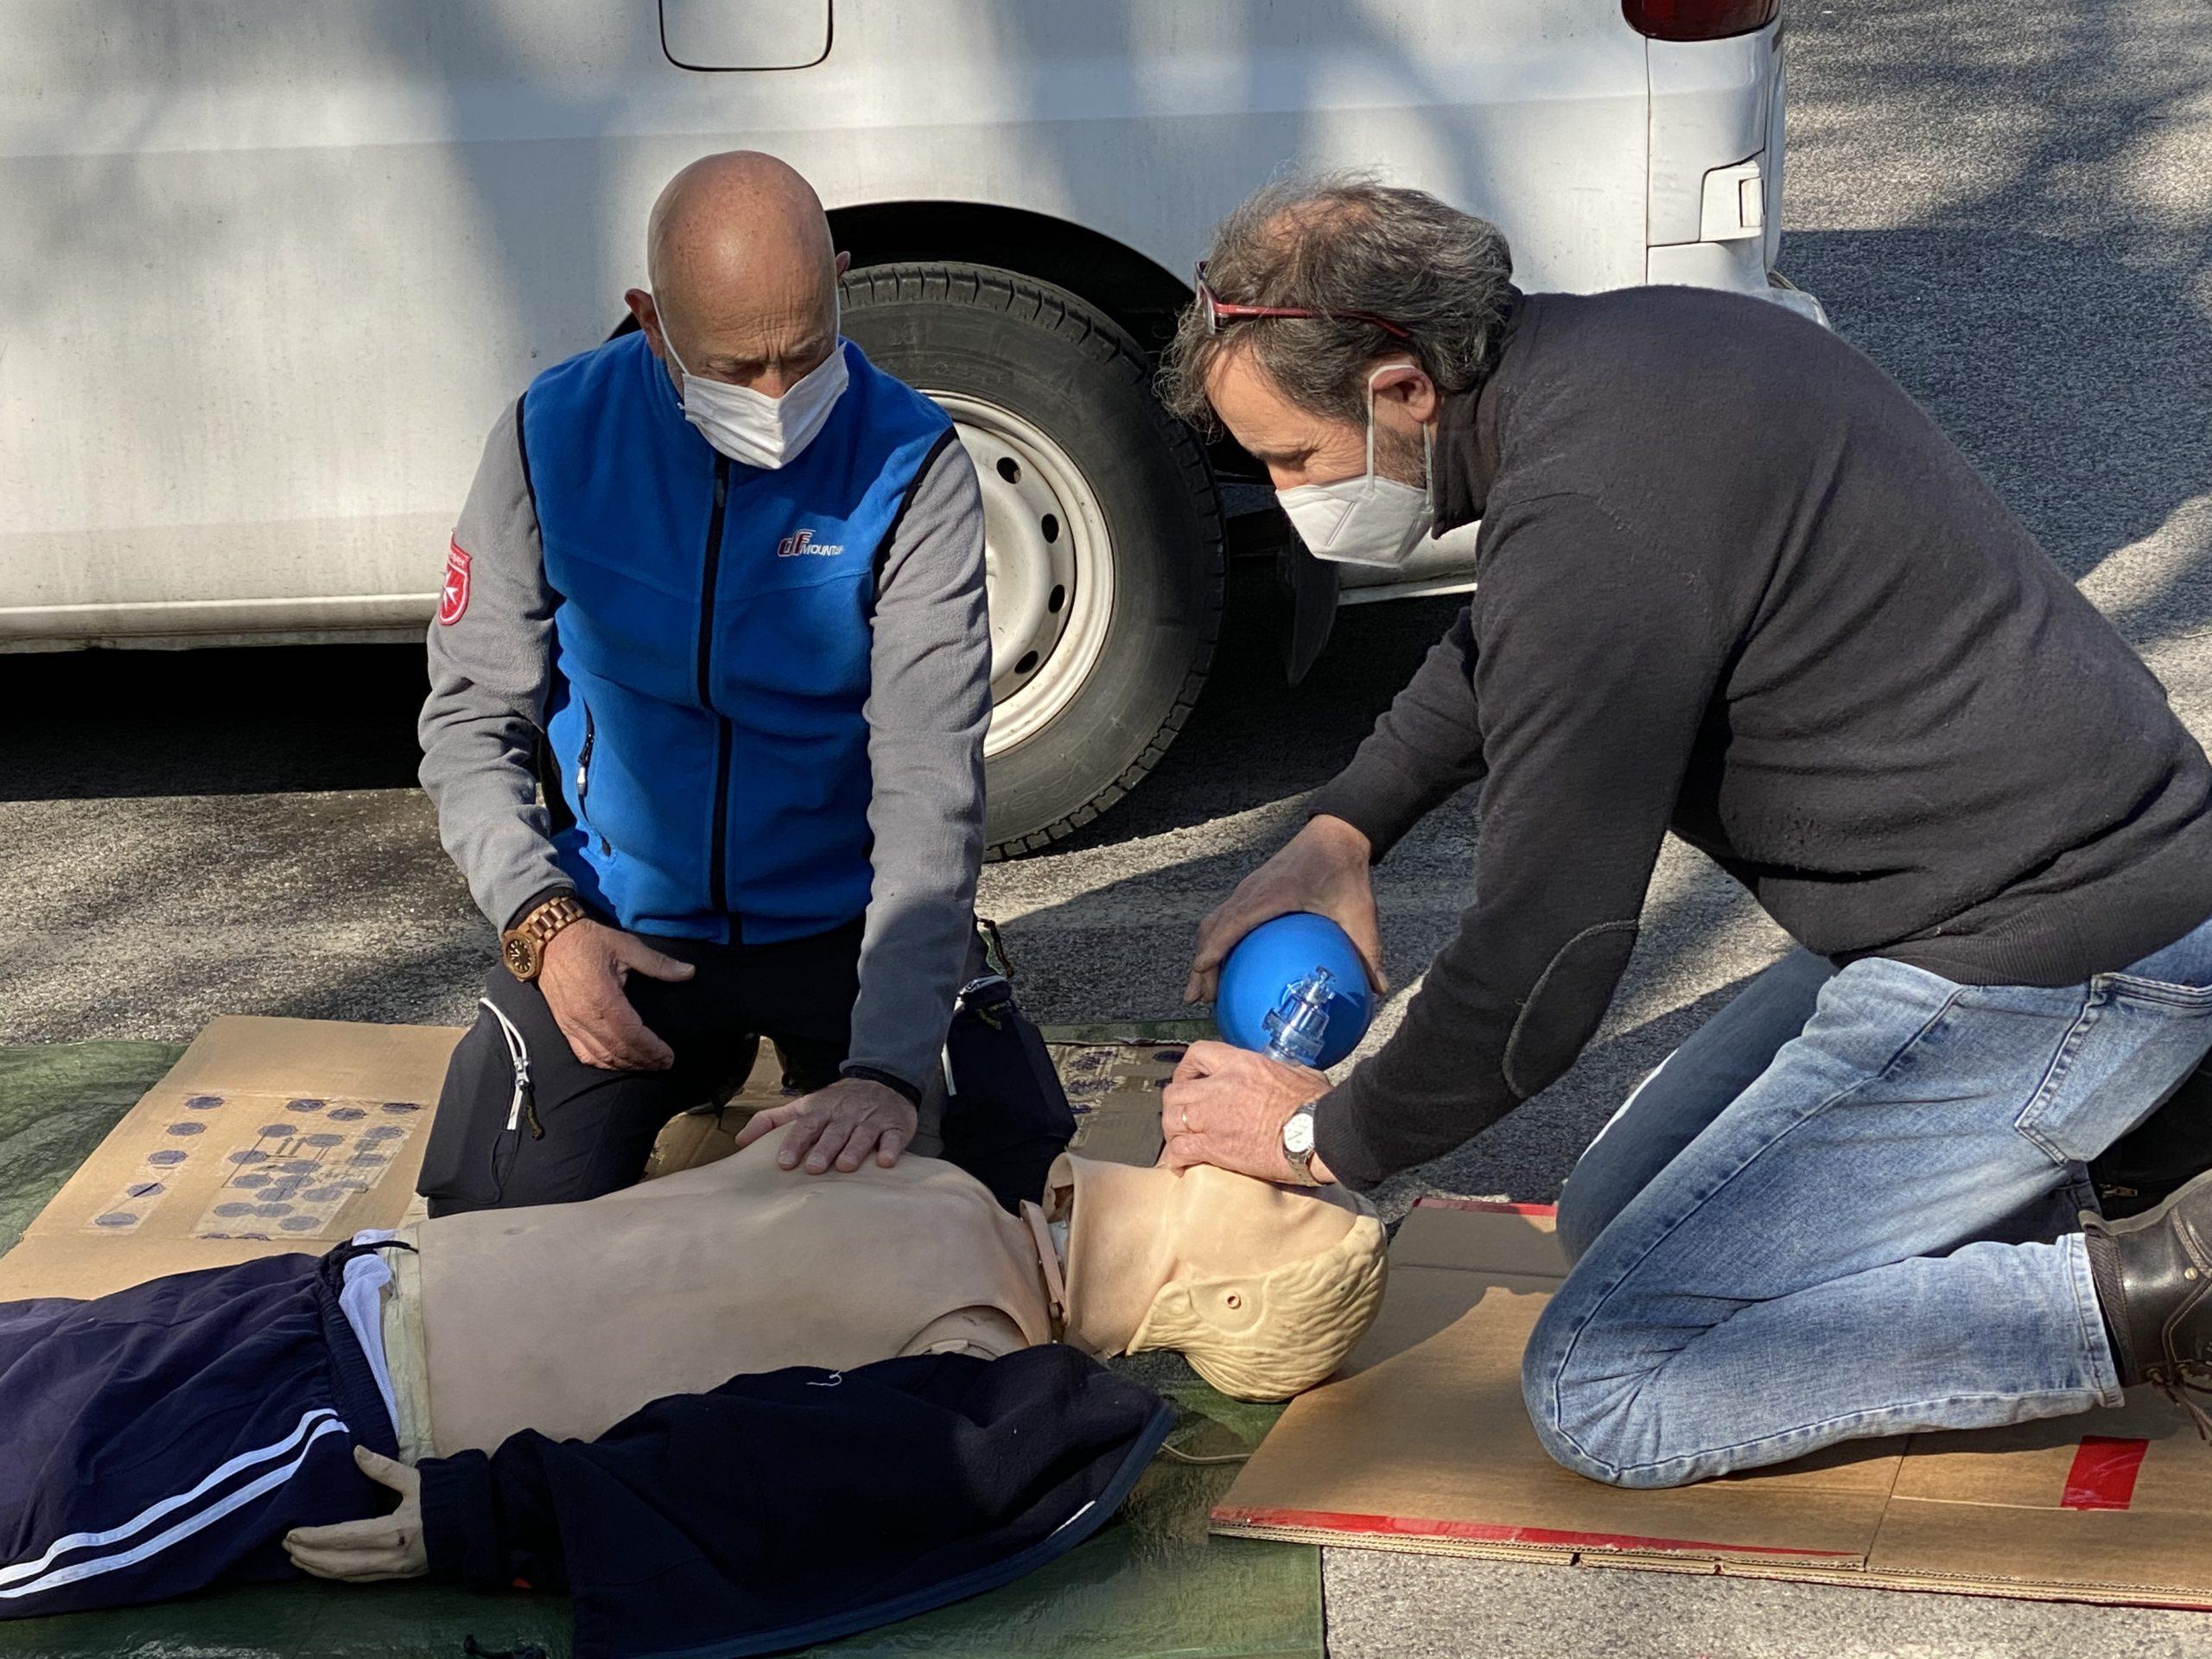 Corsi di primo soccorso